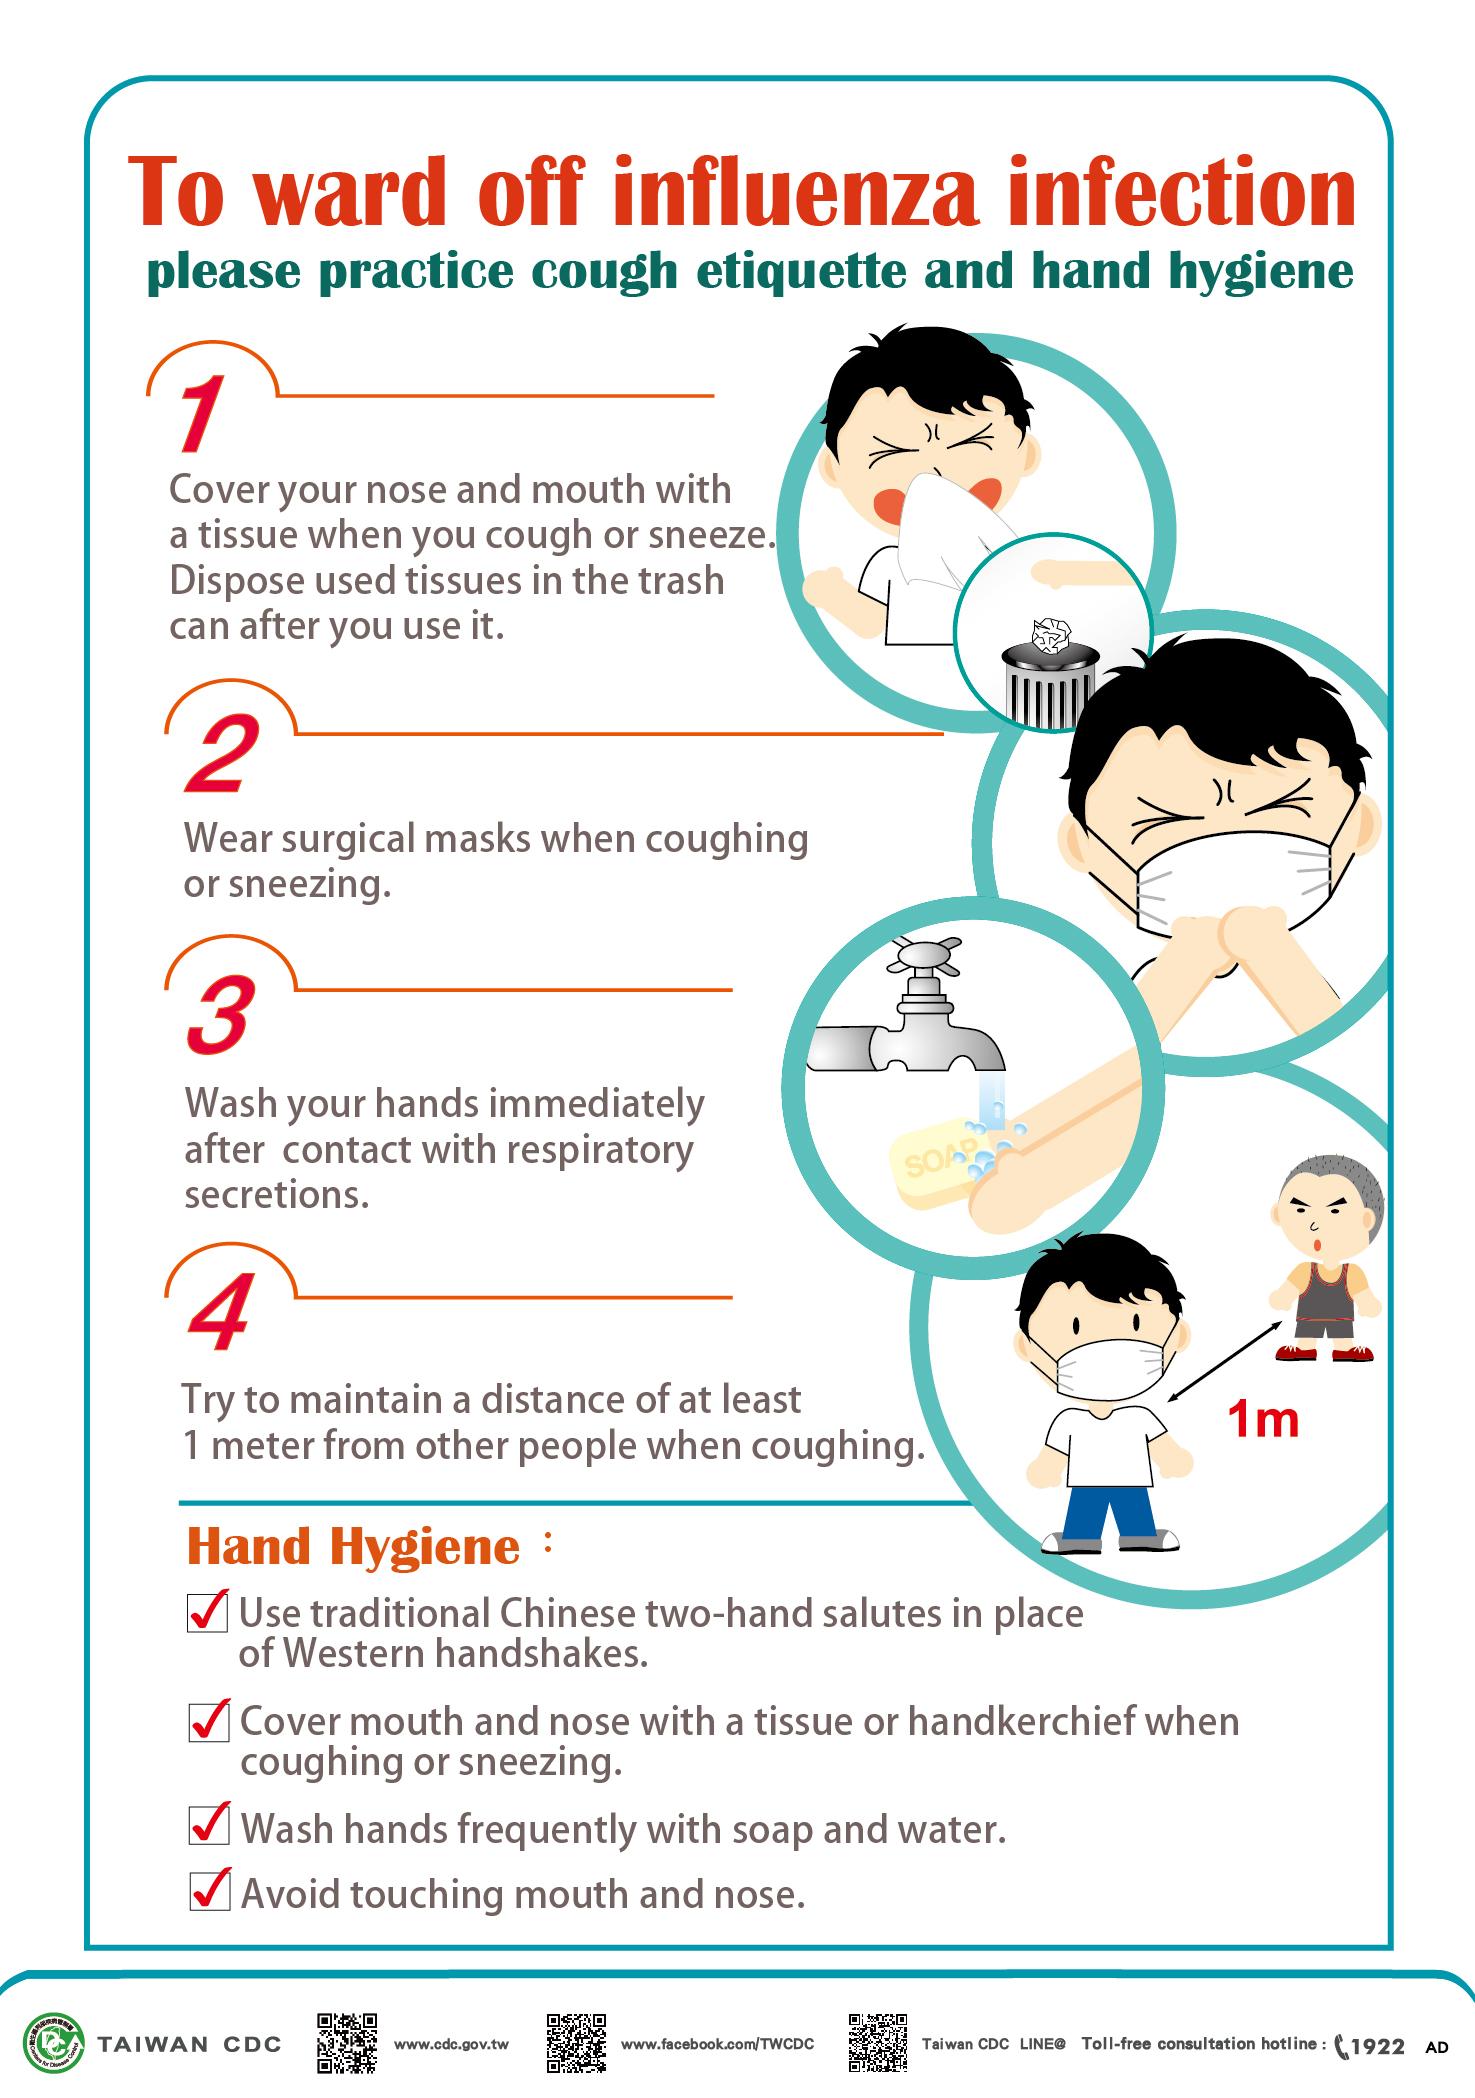 呼吸道傳染病 respiratory infectious disease - 衛生福利部疾病管制署